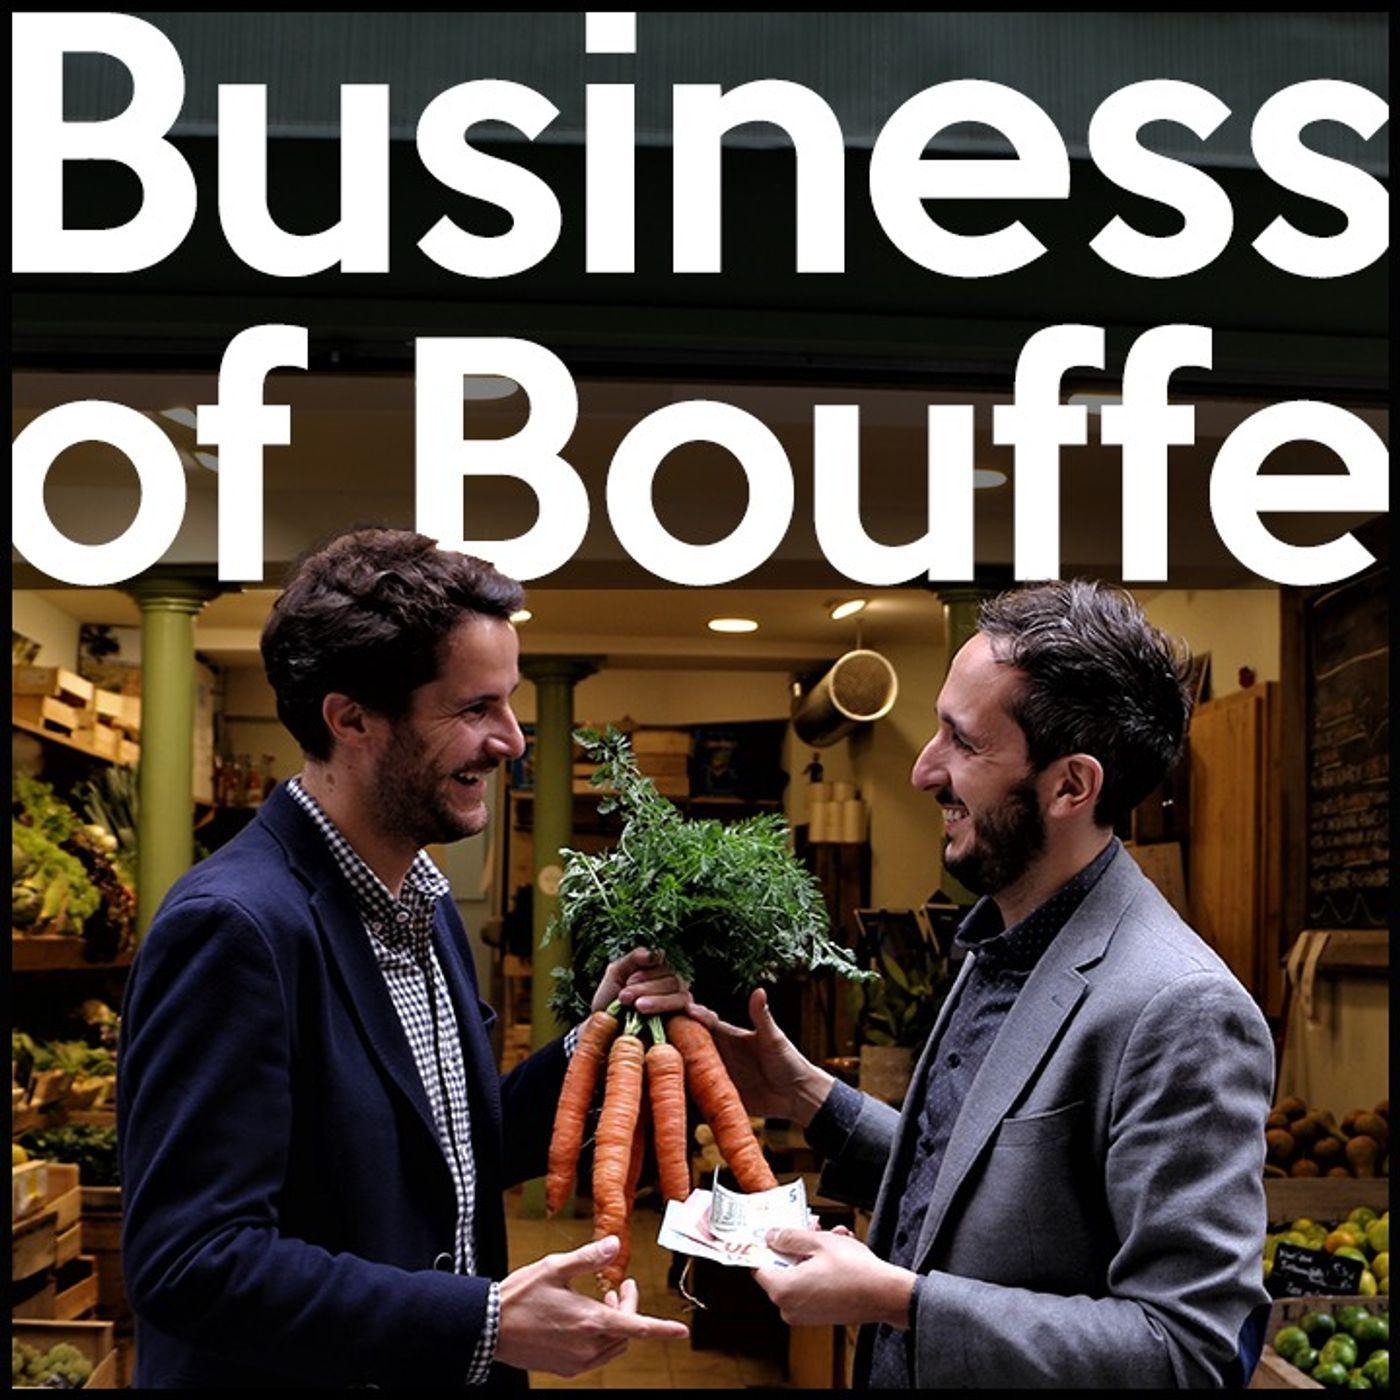 <REPLAY> Business of Bouffe #3 | Christophe Audouin - Les 2 Vaches (Danone) | L'histoire d'un projet intrapreneurial engagé qui fait bouger un grand groupe